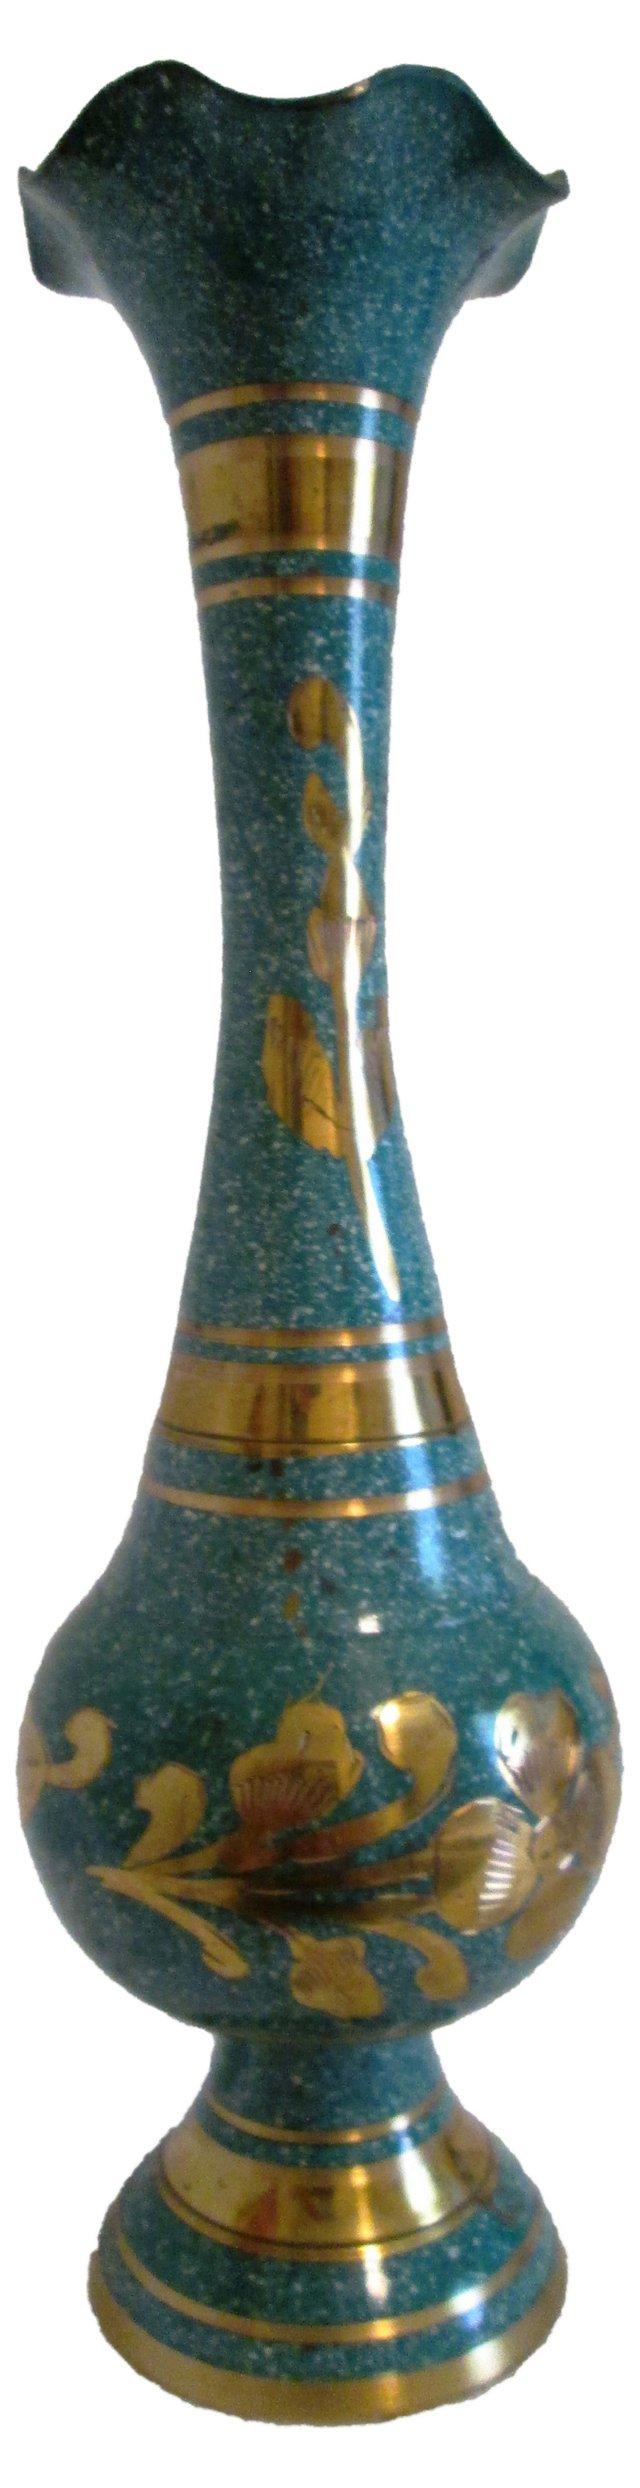 Aqua & Brass Indian Vase